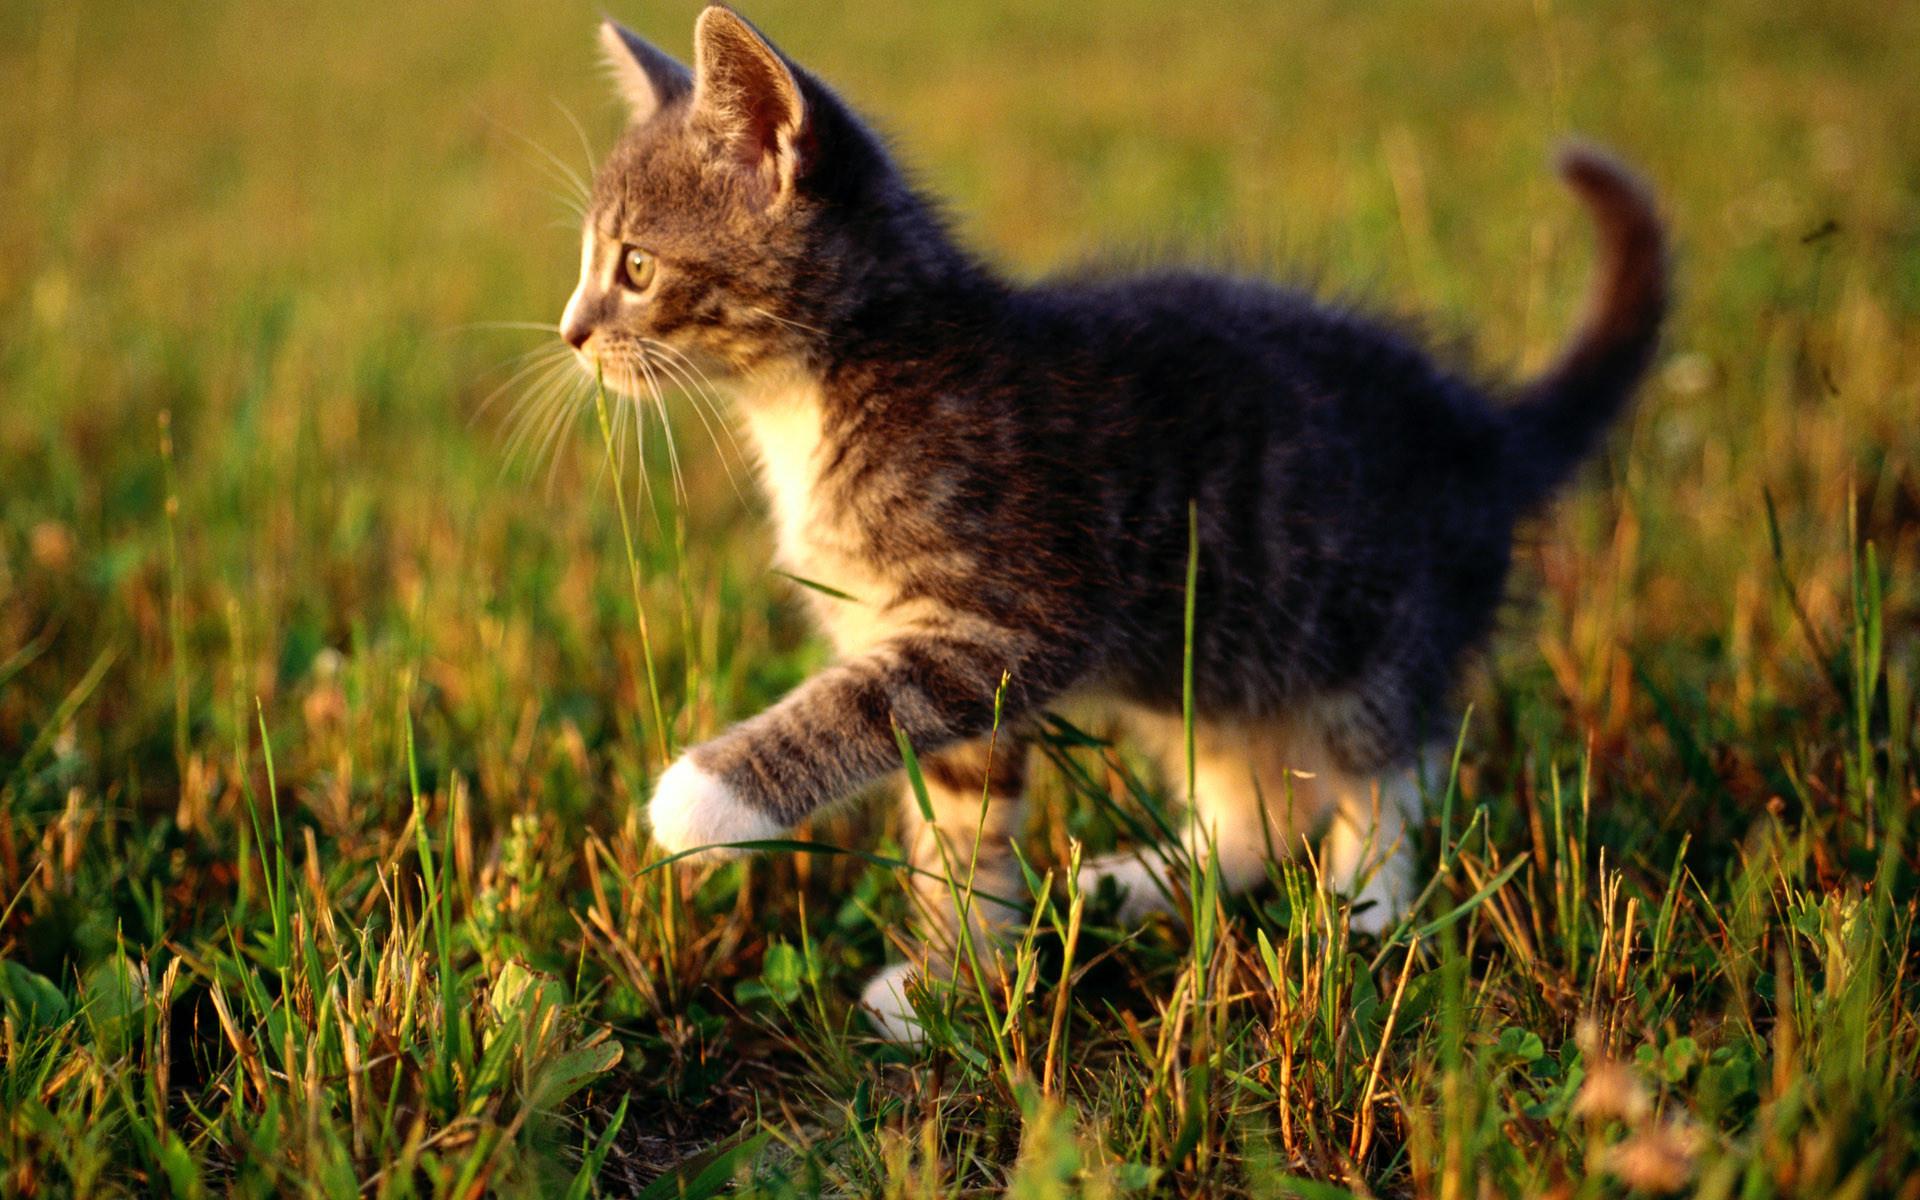 природа животные котенок кот бесплатно